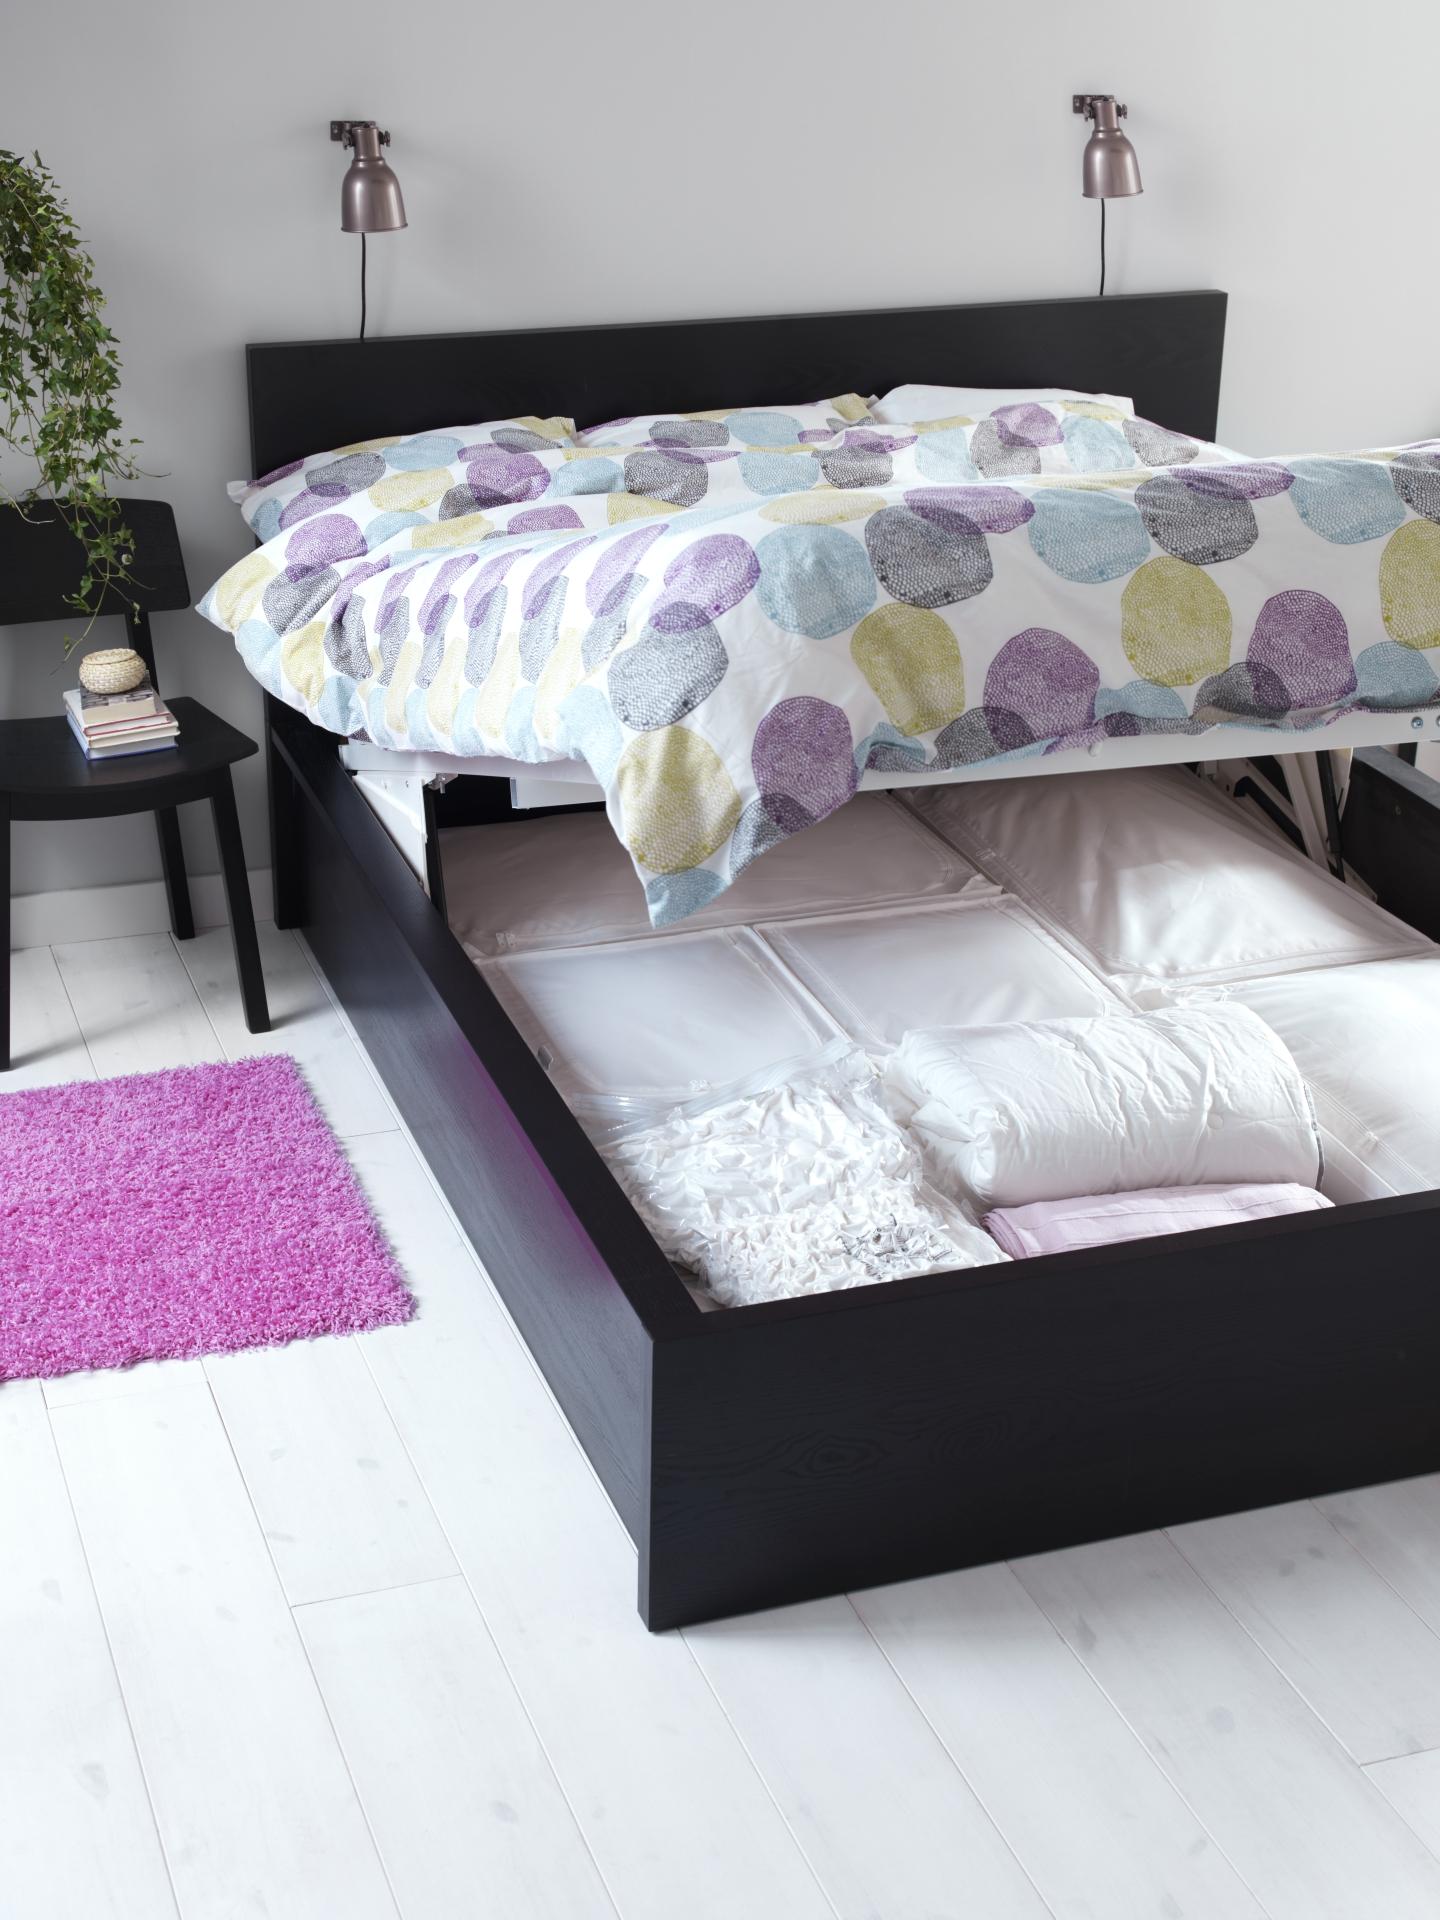 Soluciones para decorar y organizar un dormitorio peque o - Decorar cama con cojines ...